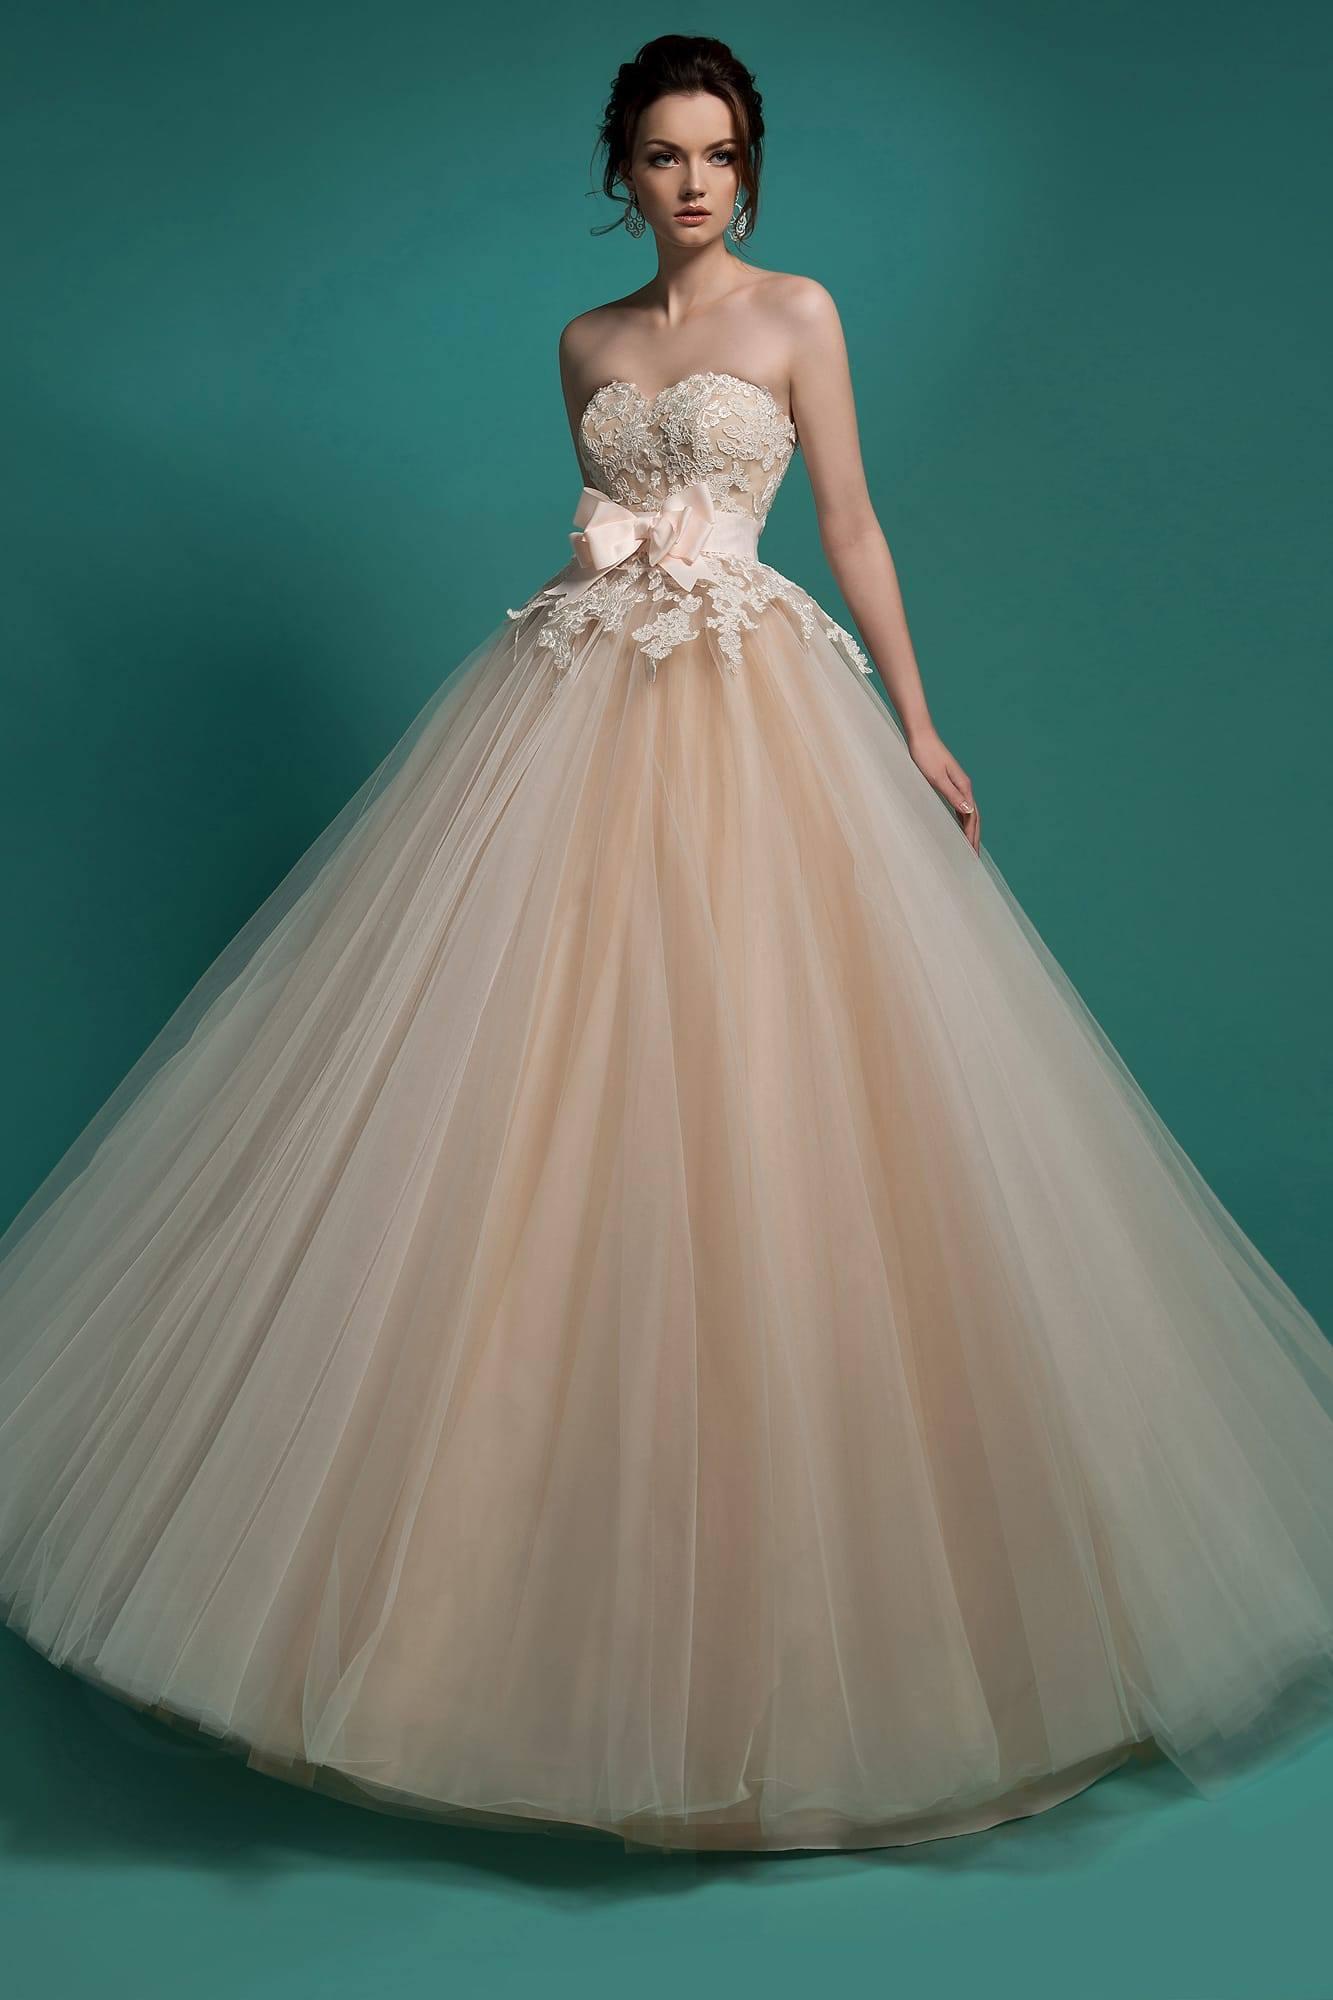 Wedding dress $300, size 8